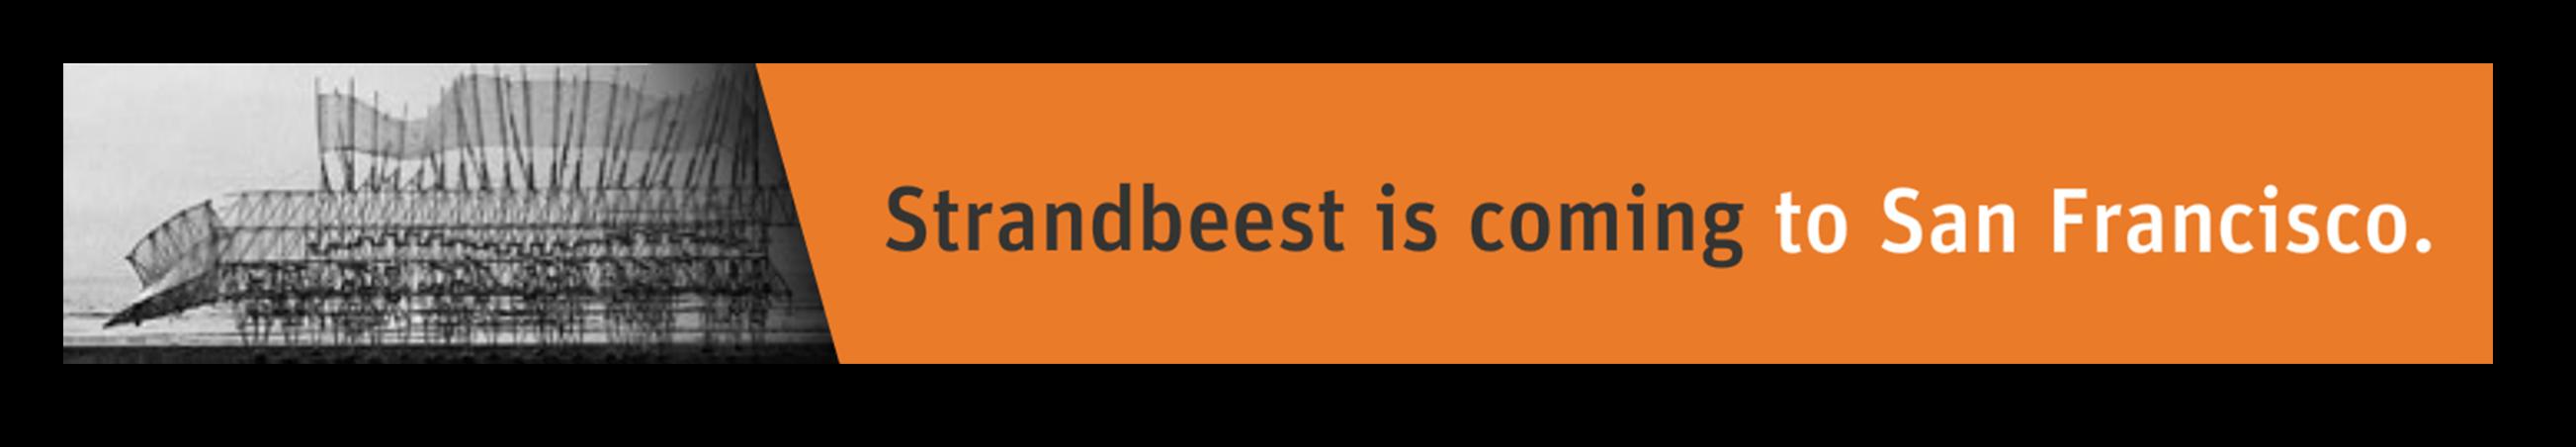 Exploratorium Strandbeest banner